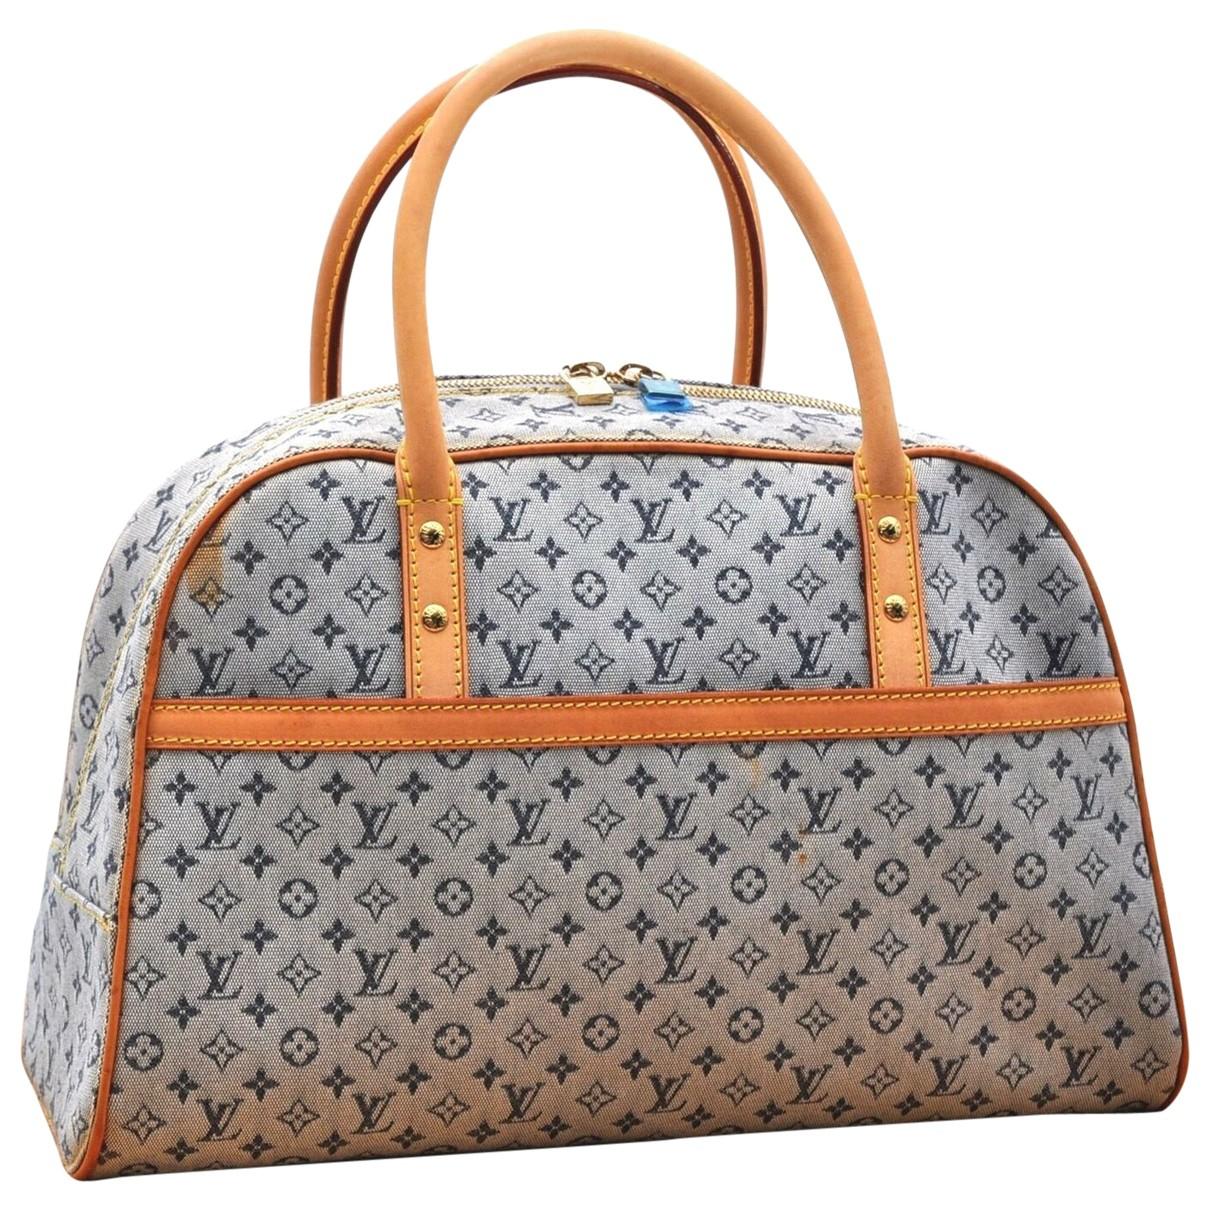 Louis Vuitton \N Handtasche in  Blau Leinen